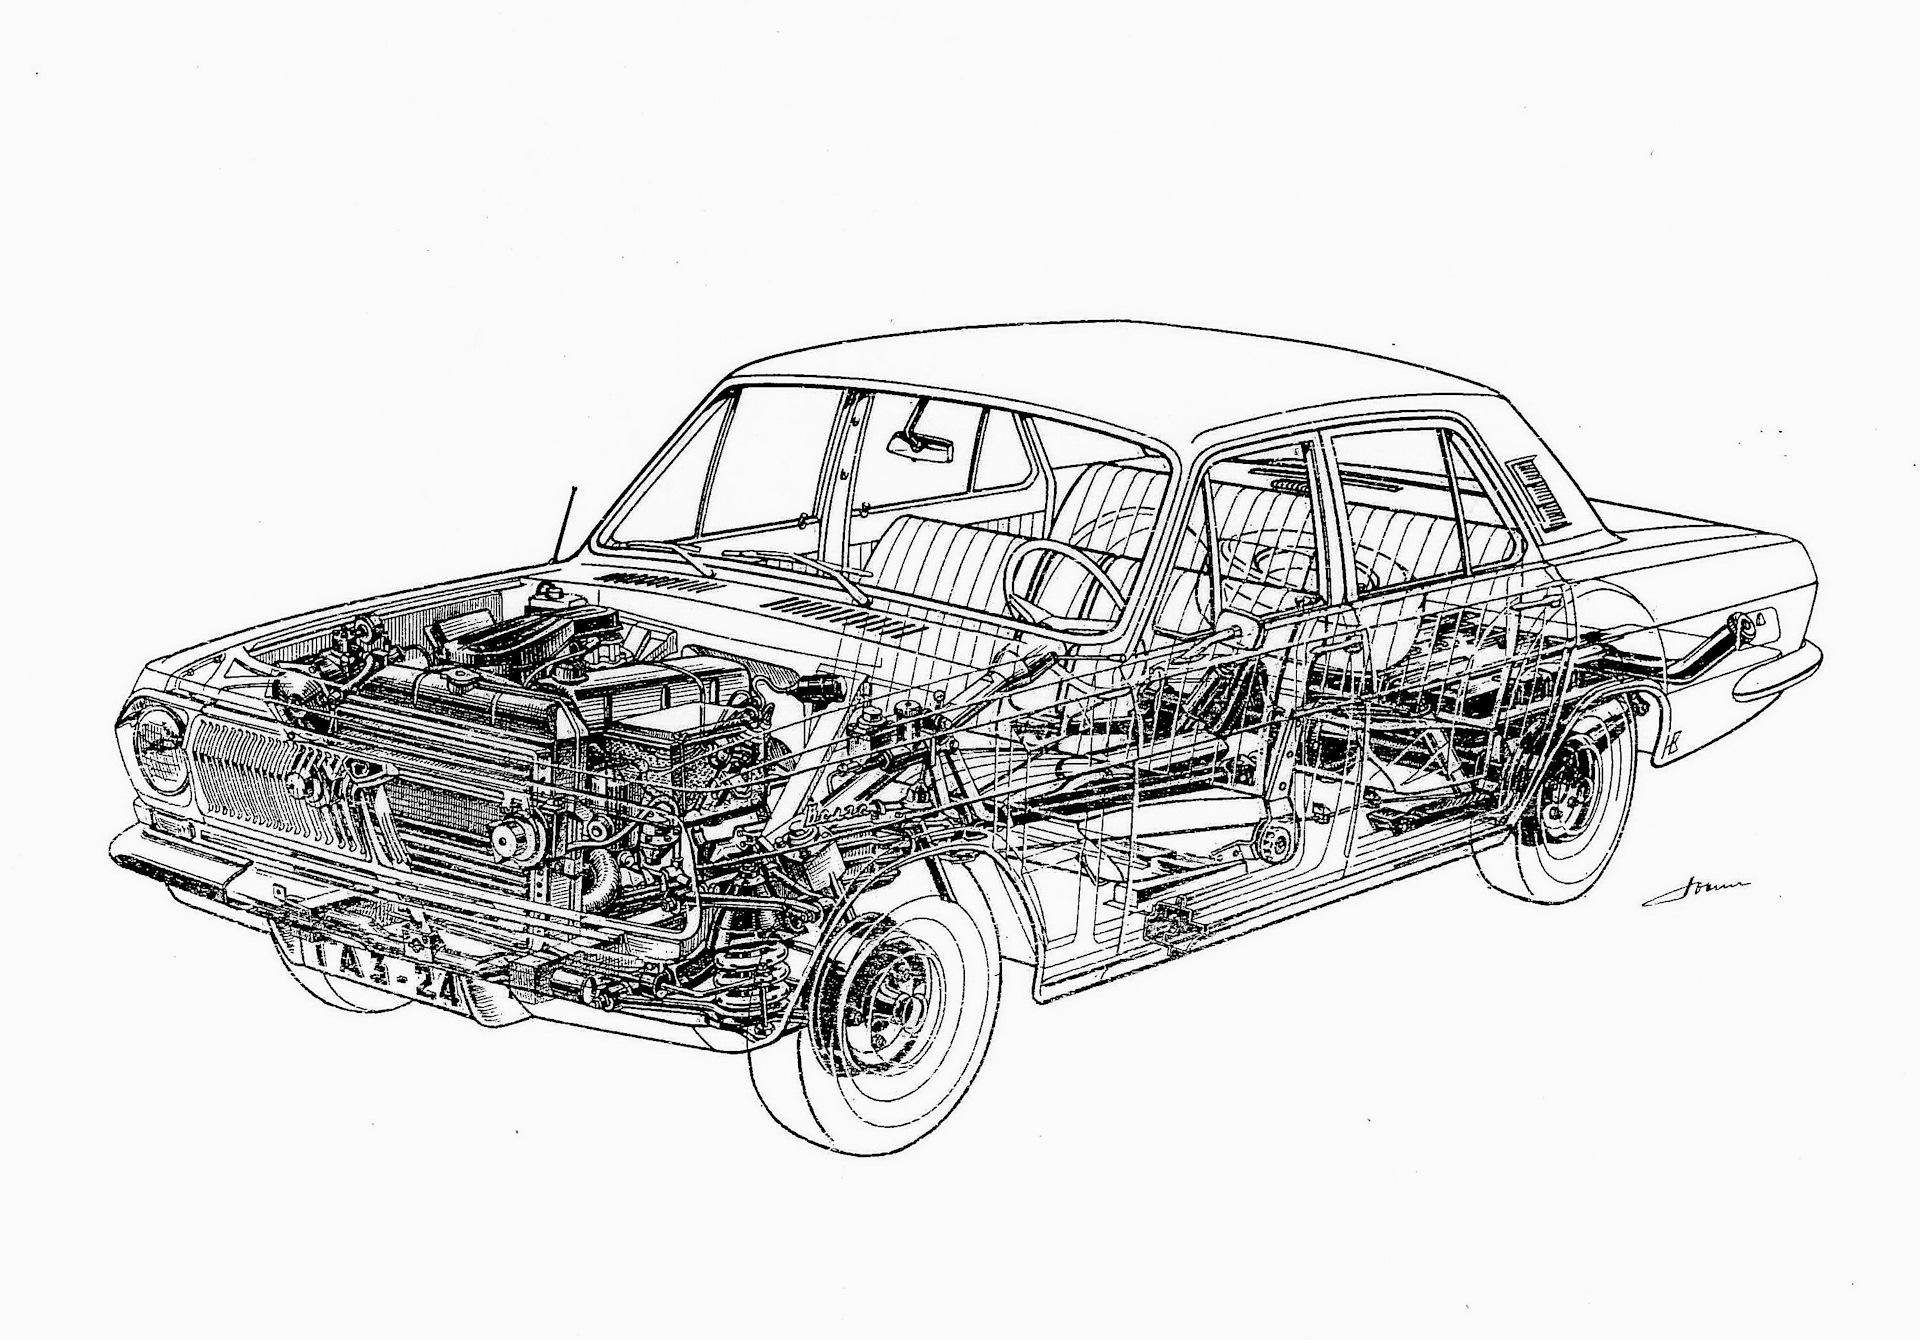 обладает картинки детали легкового автомобиля голове темнее, чем